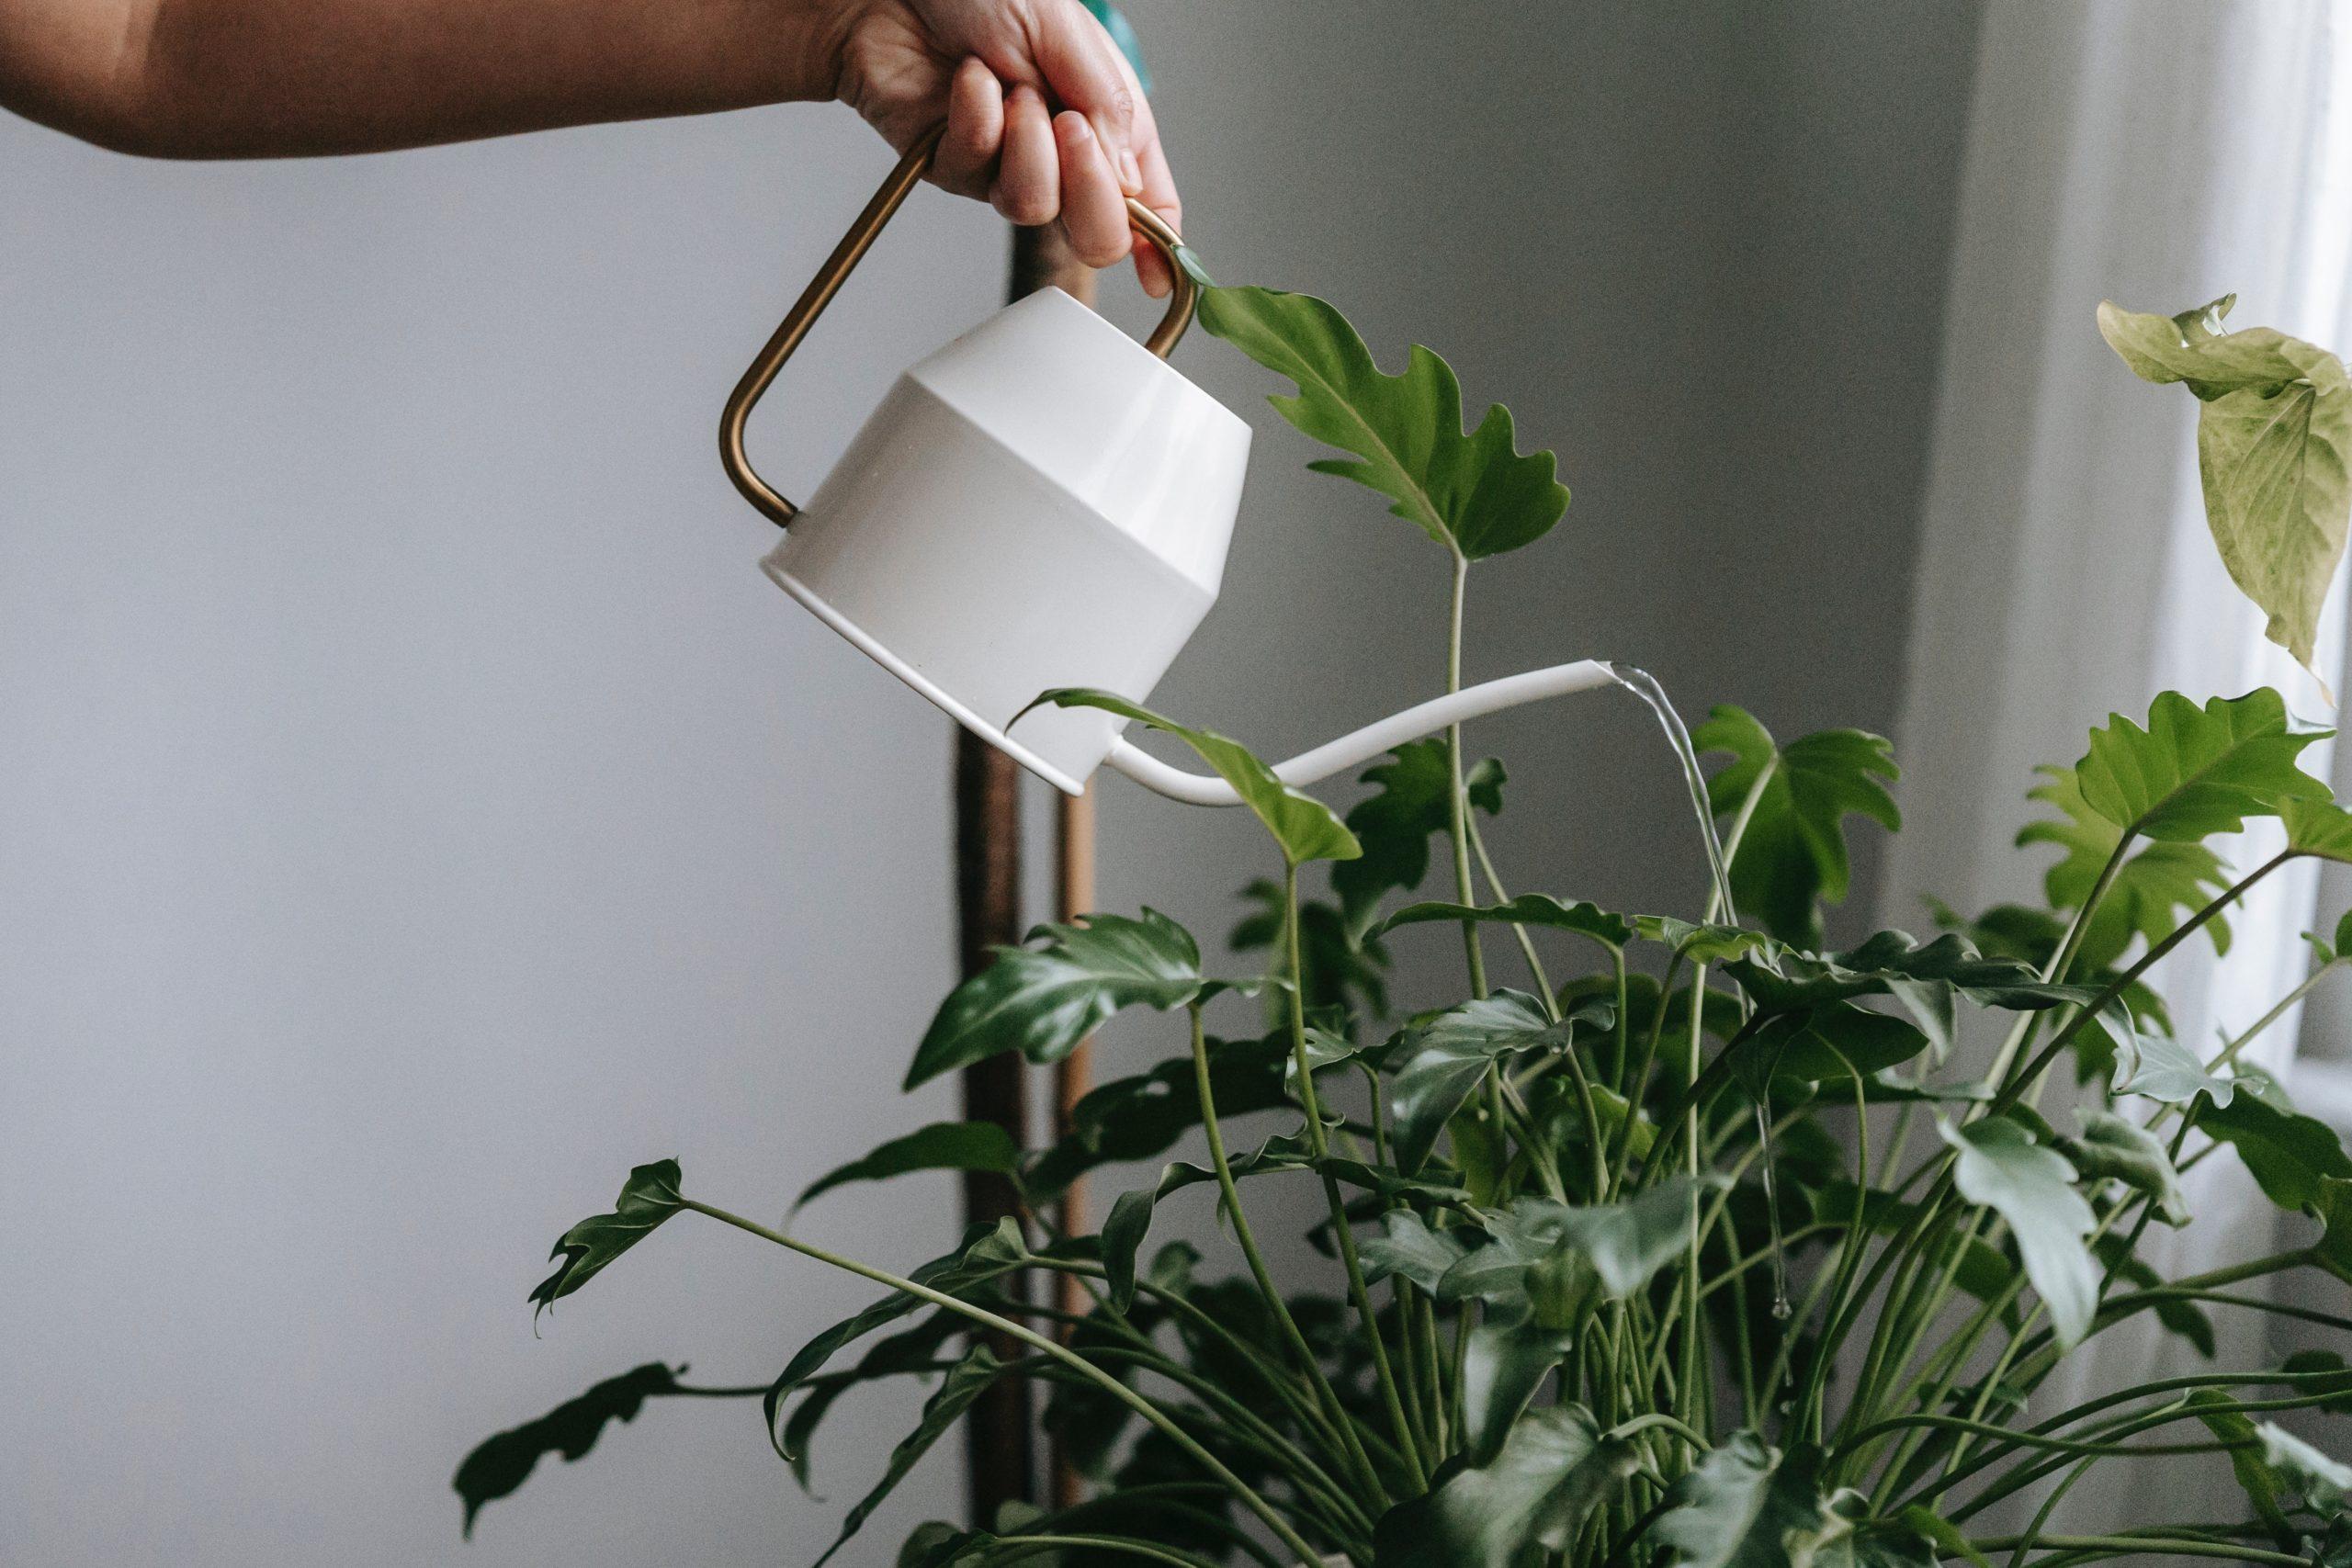 Рейтинг лучших леек для комнатных растений на 2021 год